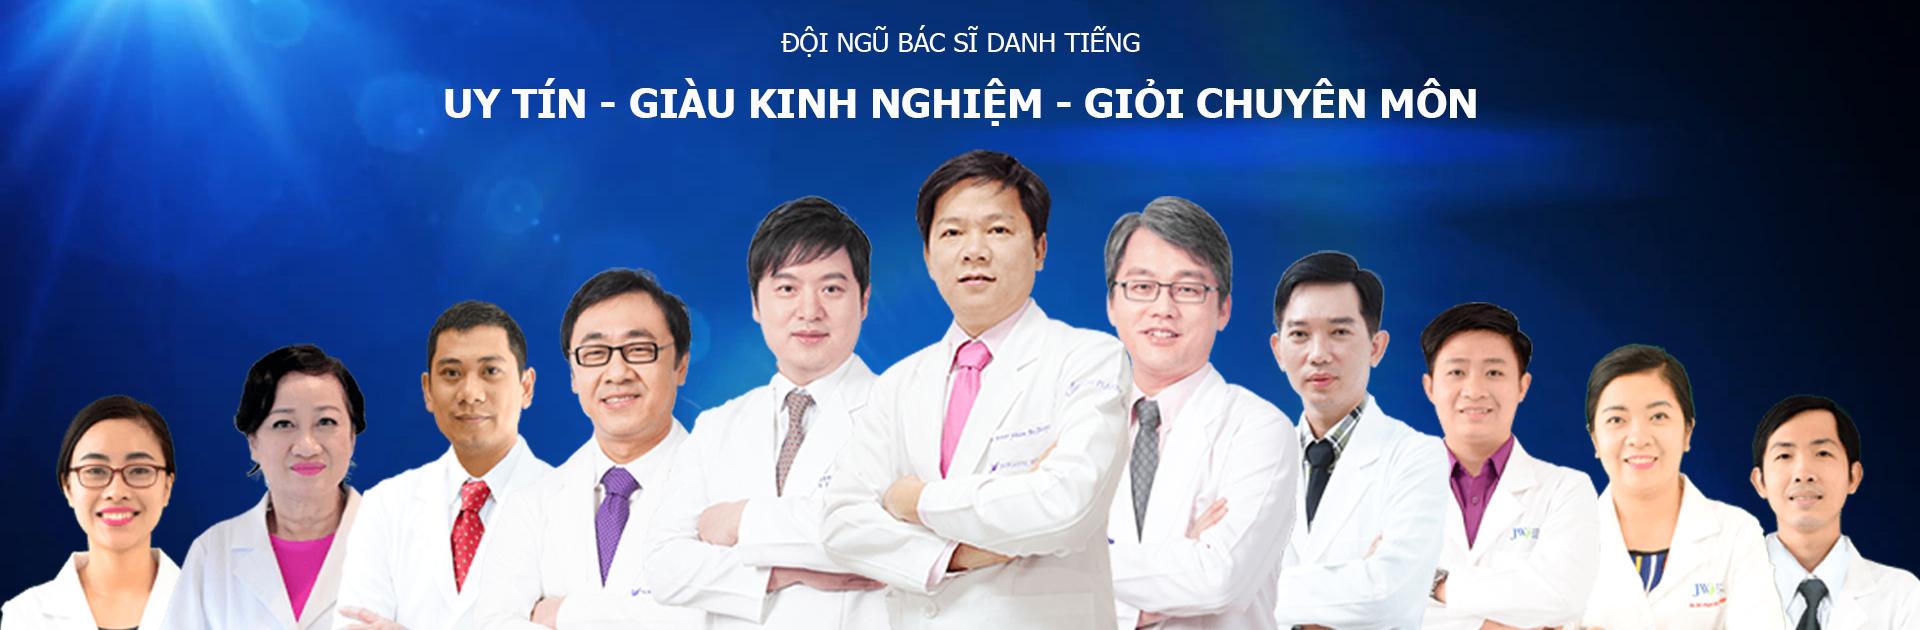 Nâng ngực 15 năm bị biến chứng, nữ Việt Kiều cầu cứu bác sĩ Việt Nam- ảnh 5